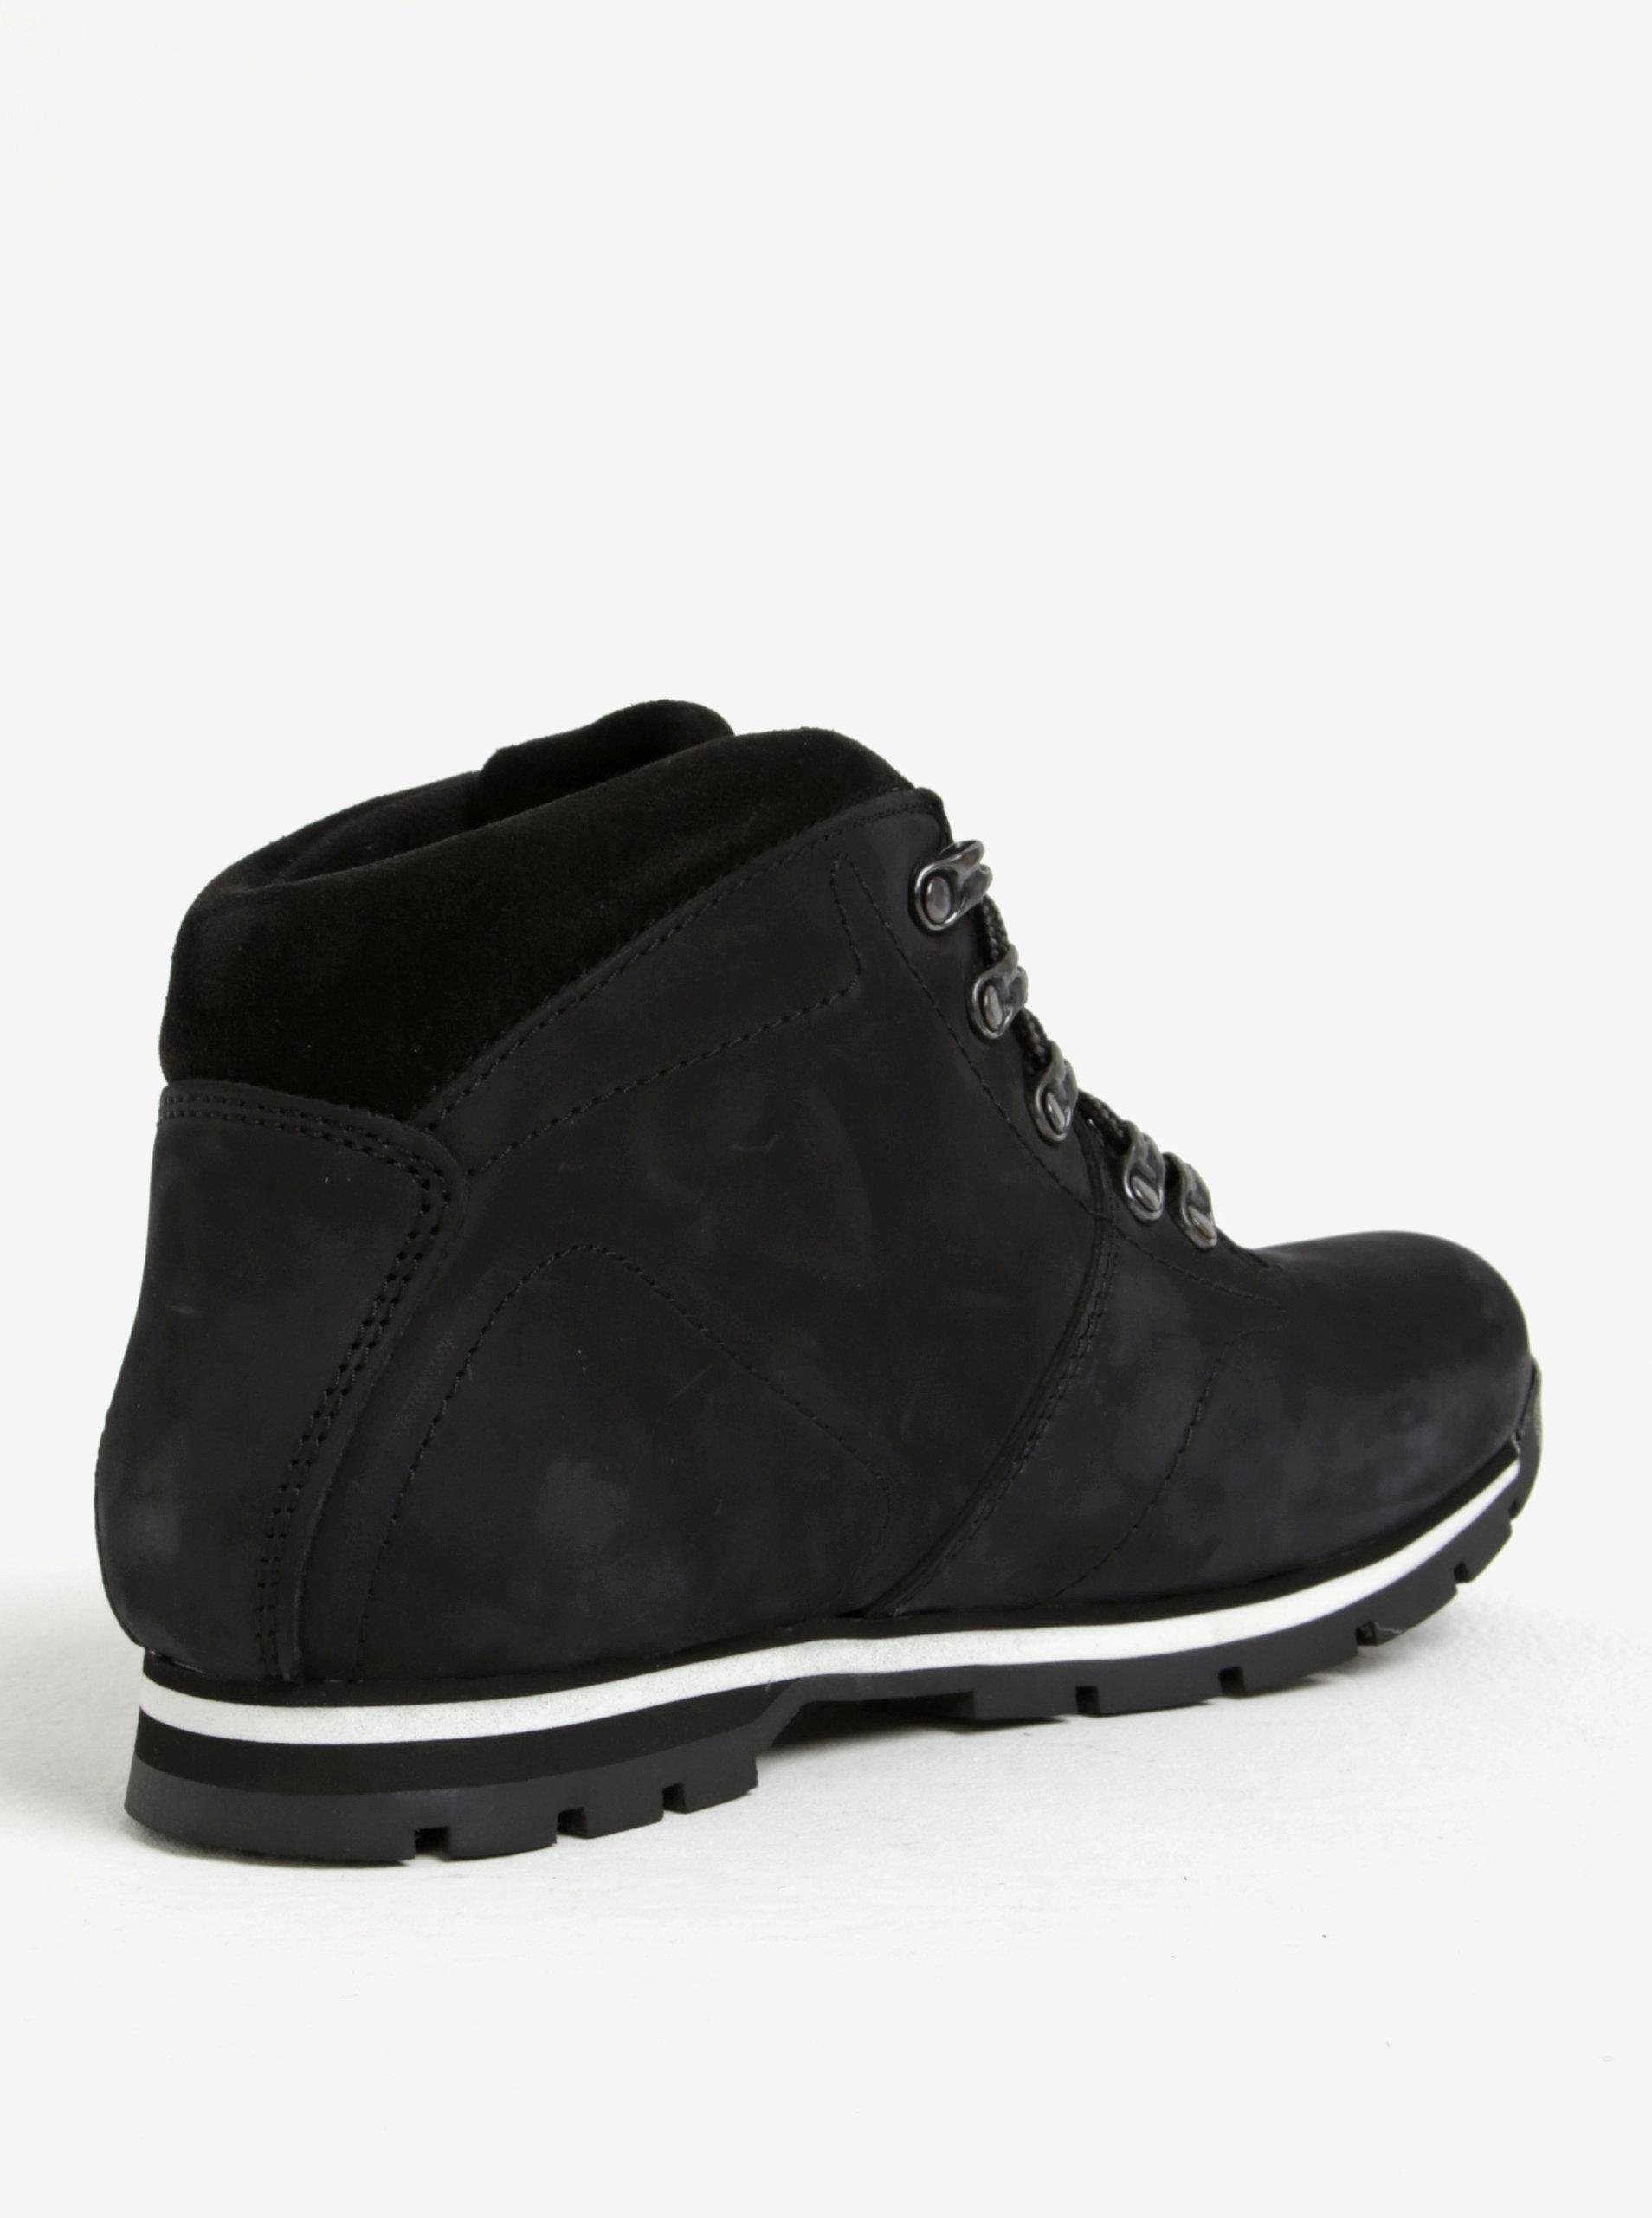 5924eaf783 Černé pánské kožené kotníkové boty Weinbrenner Černé pánské kožené kotníkové  boty Weinbrenner ...